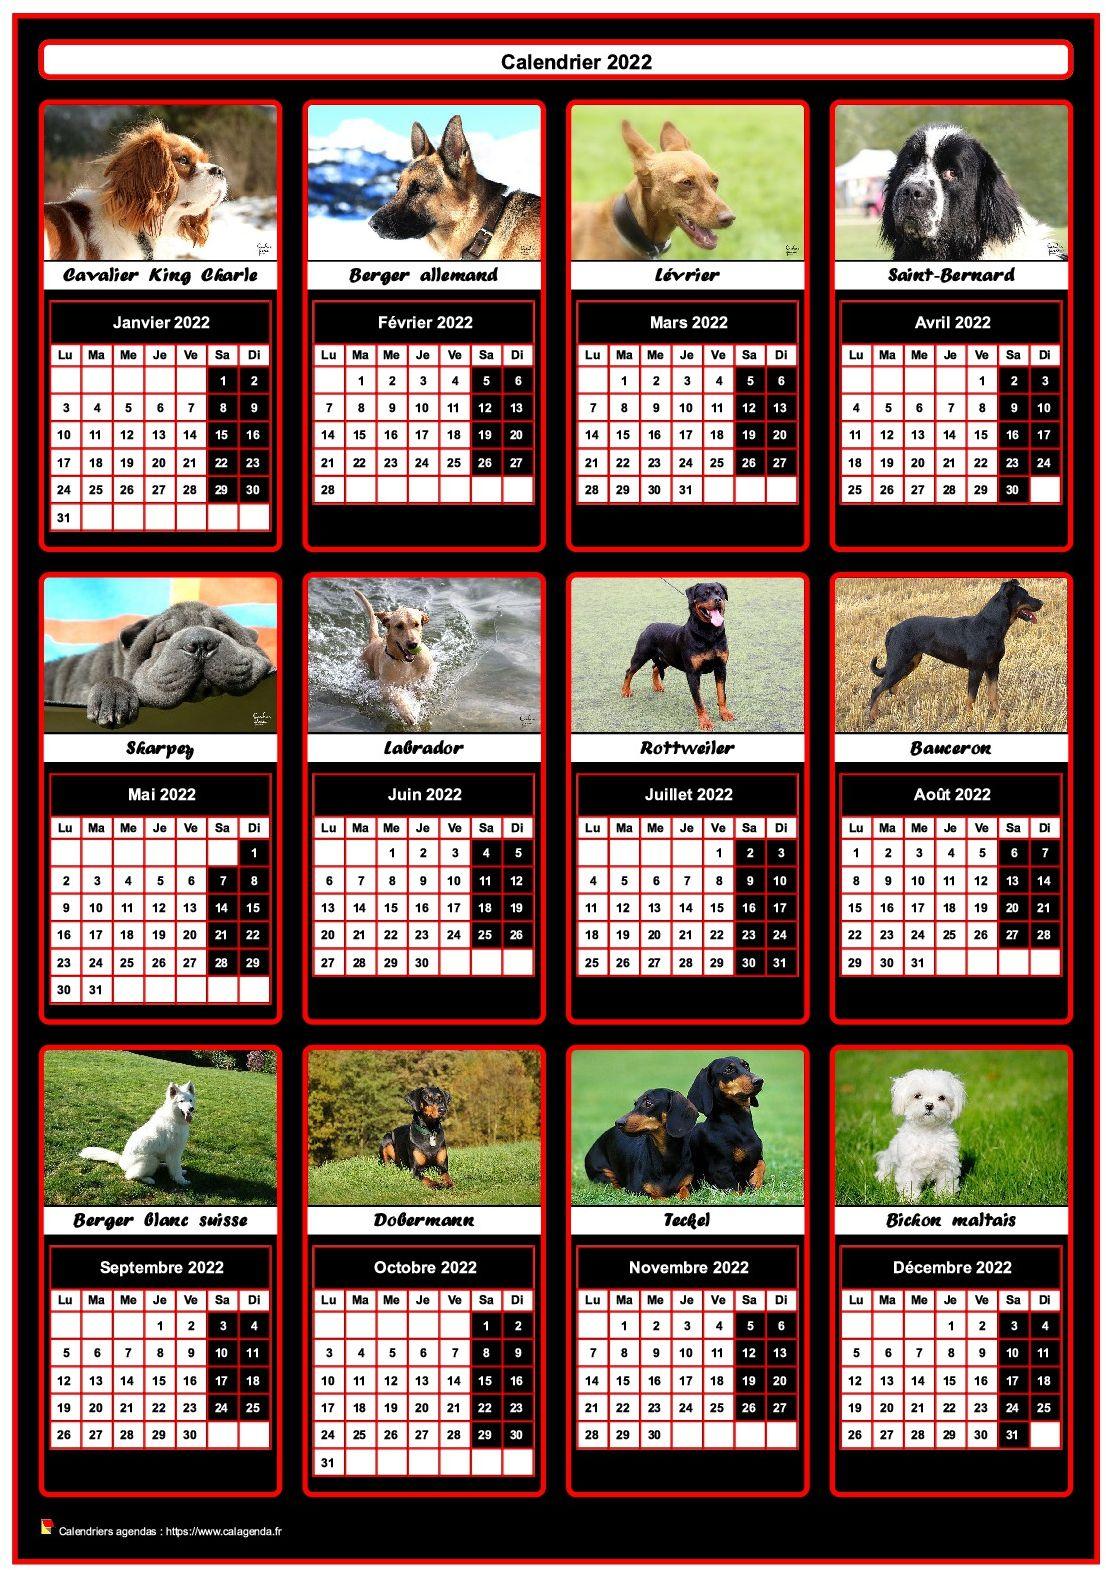 Calendrier Animaux 2022 Calendrier 2022 annuel, 12 chiens de race